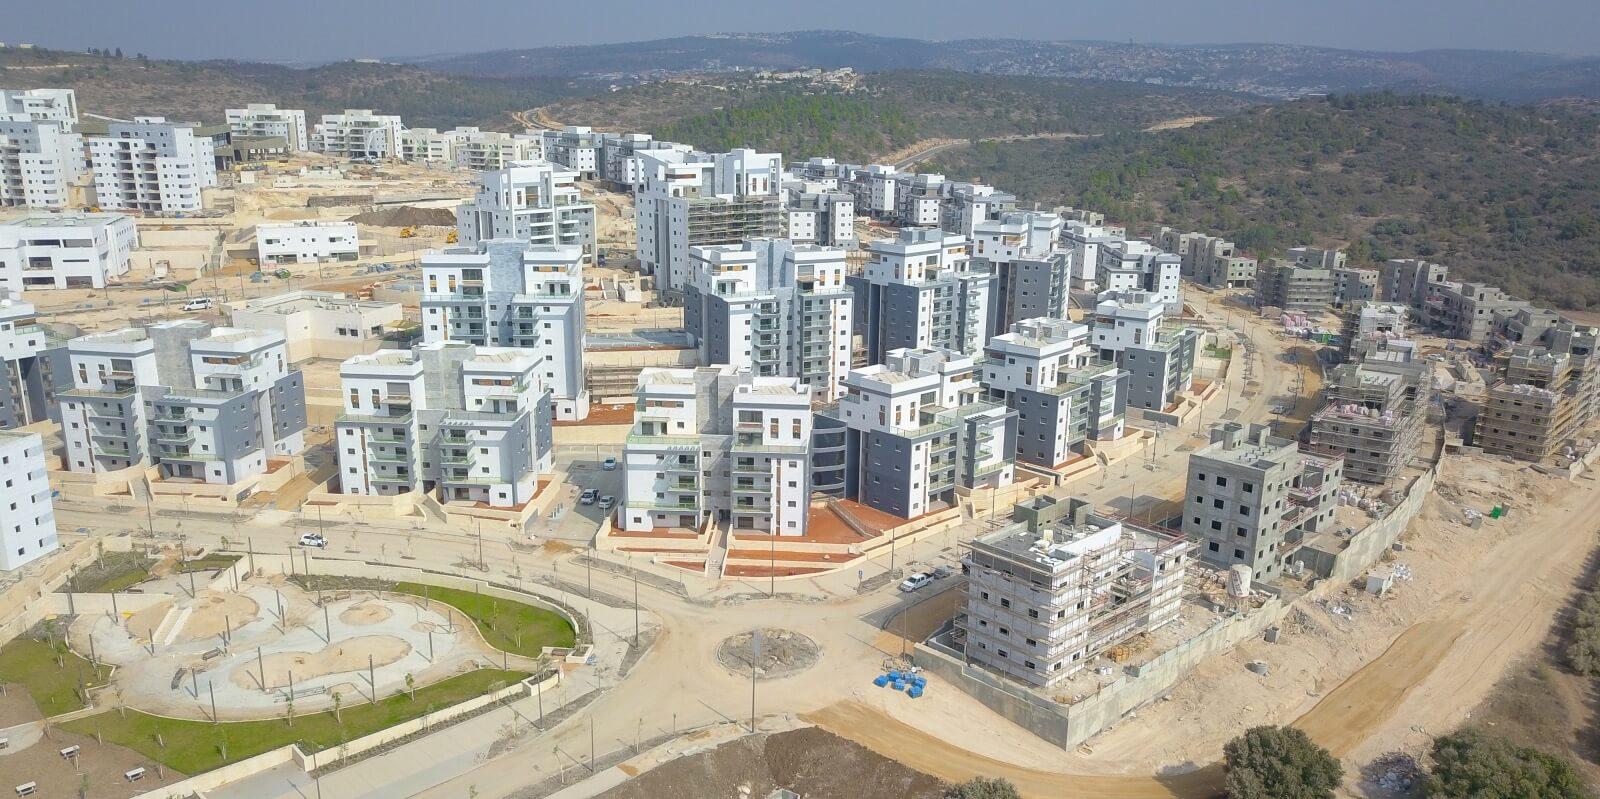 בנייה בשכונת בצוותא בחריש, נובמבר 2020